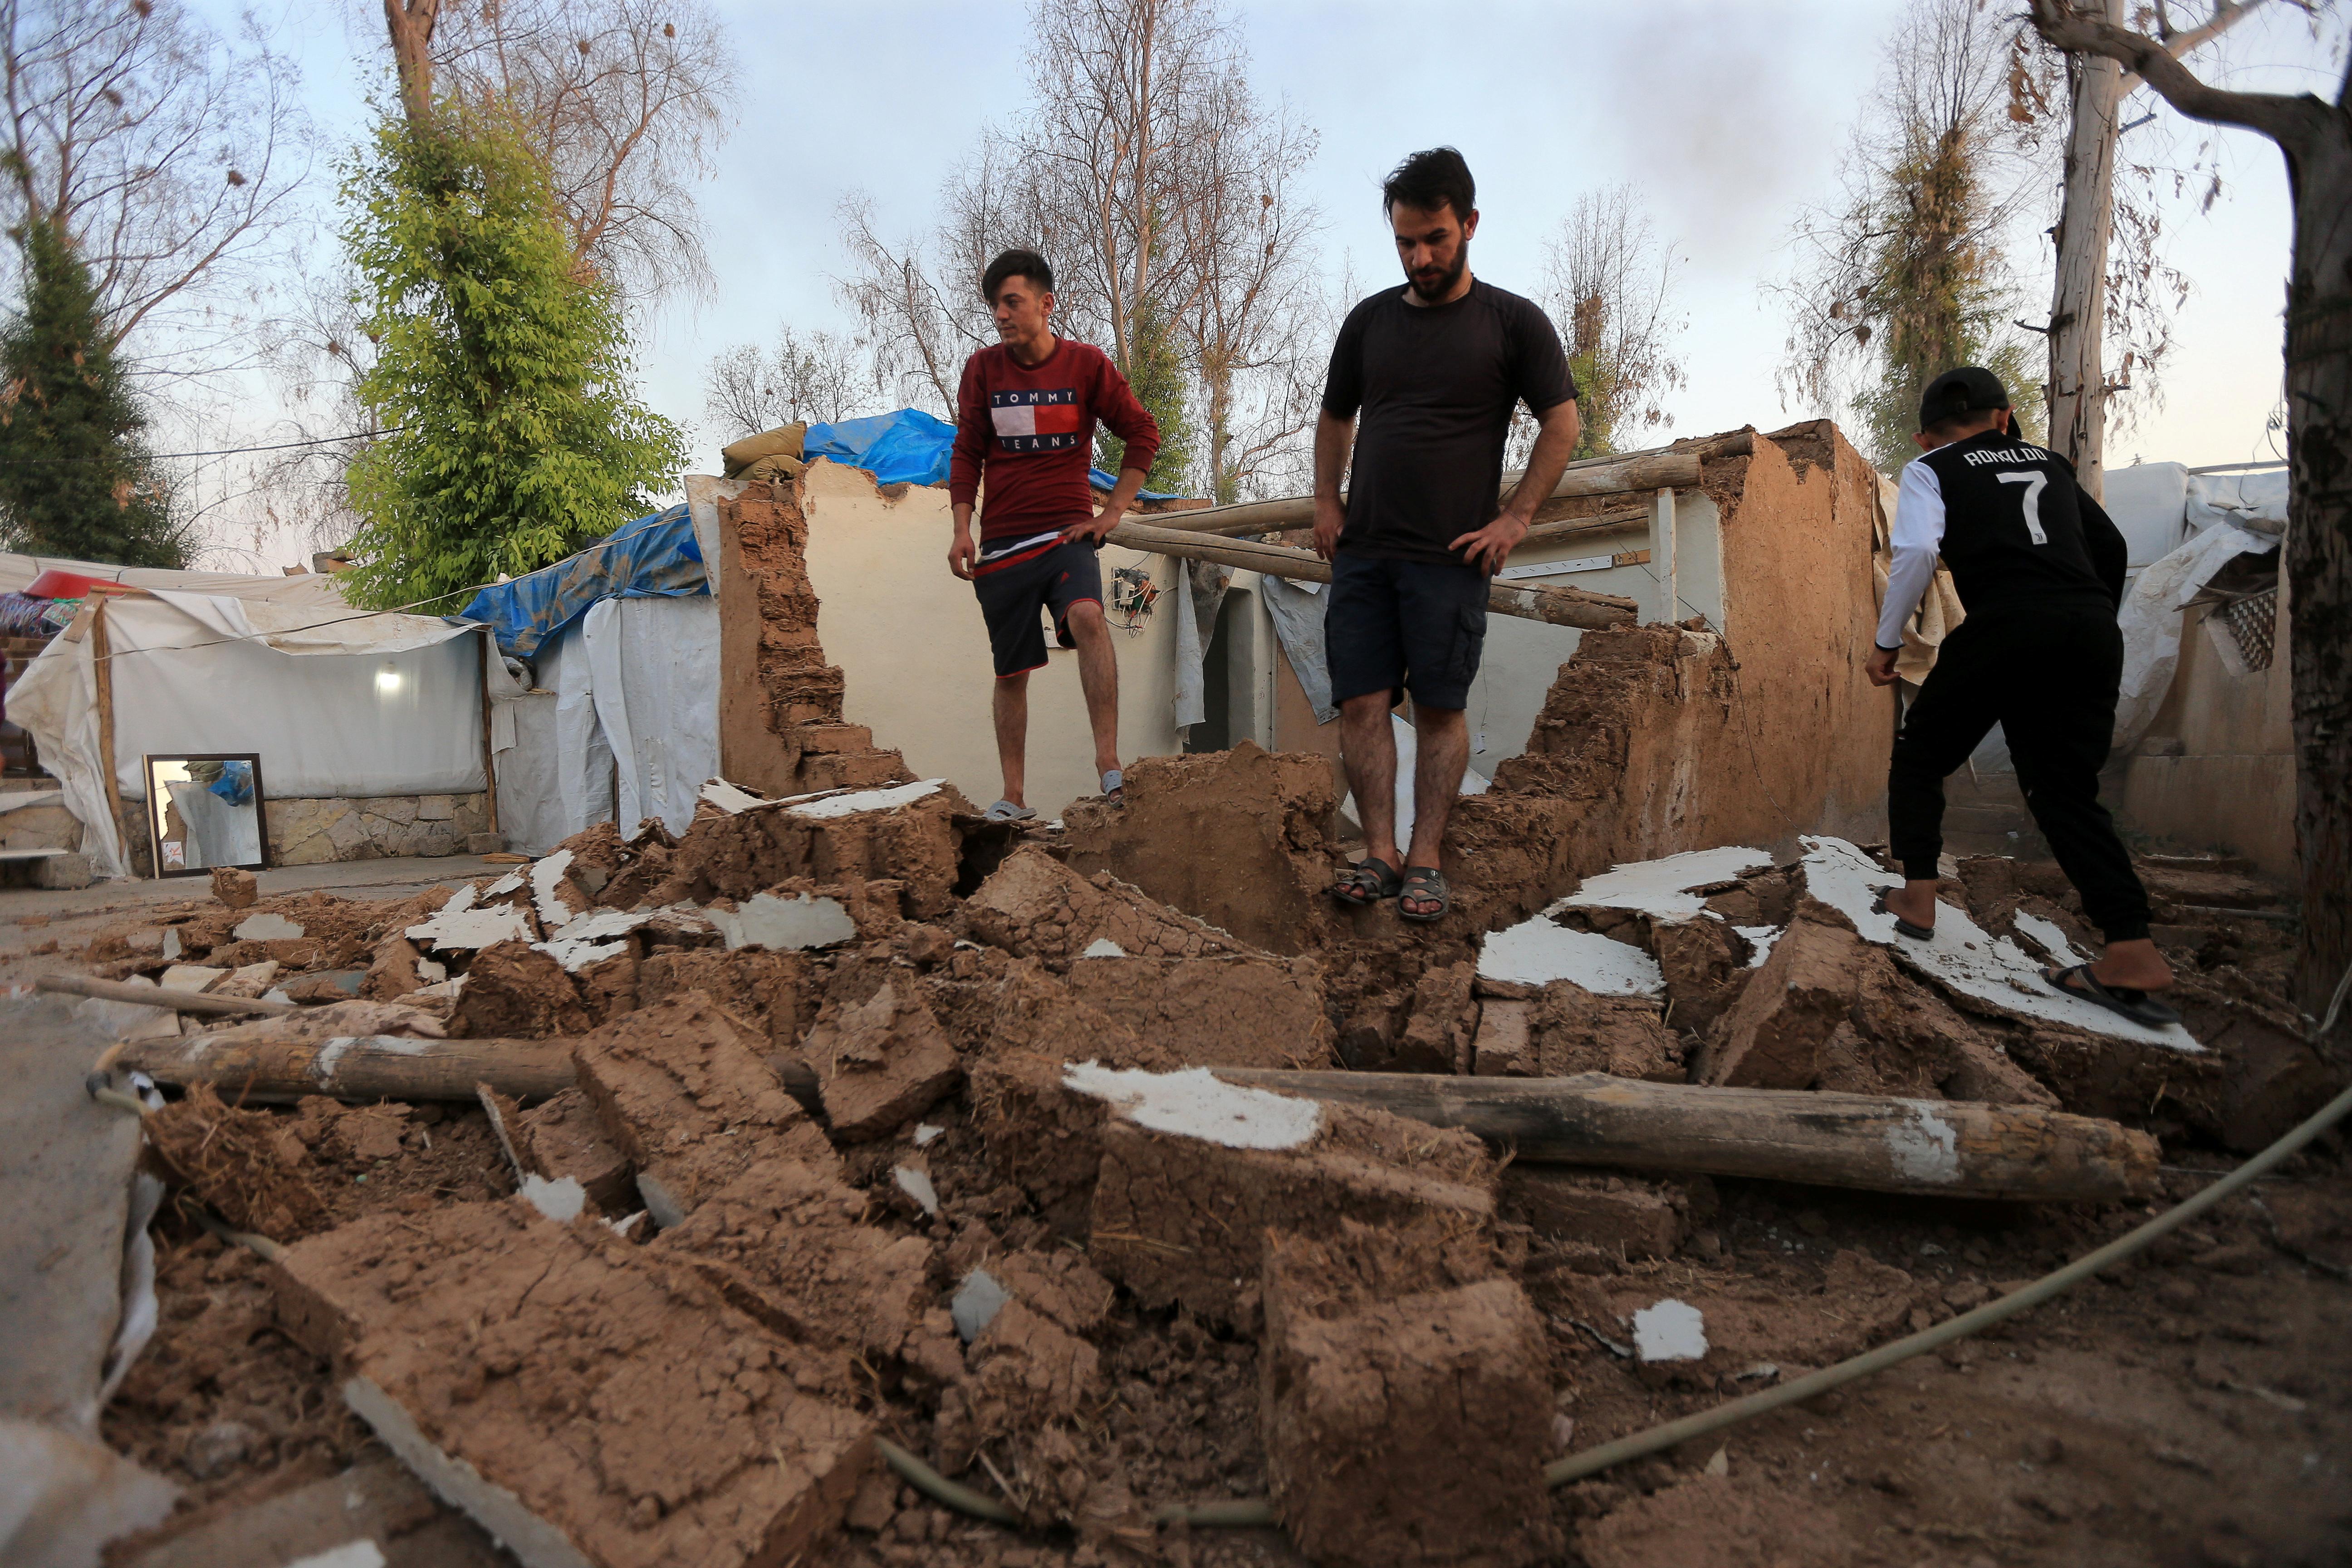 معاناة النازحين اليزيدين تتفاقم بسبب أزمة كورونا